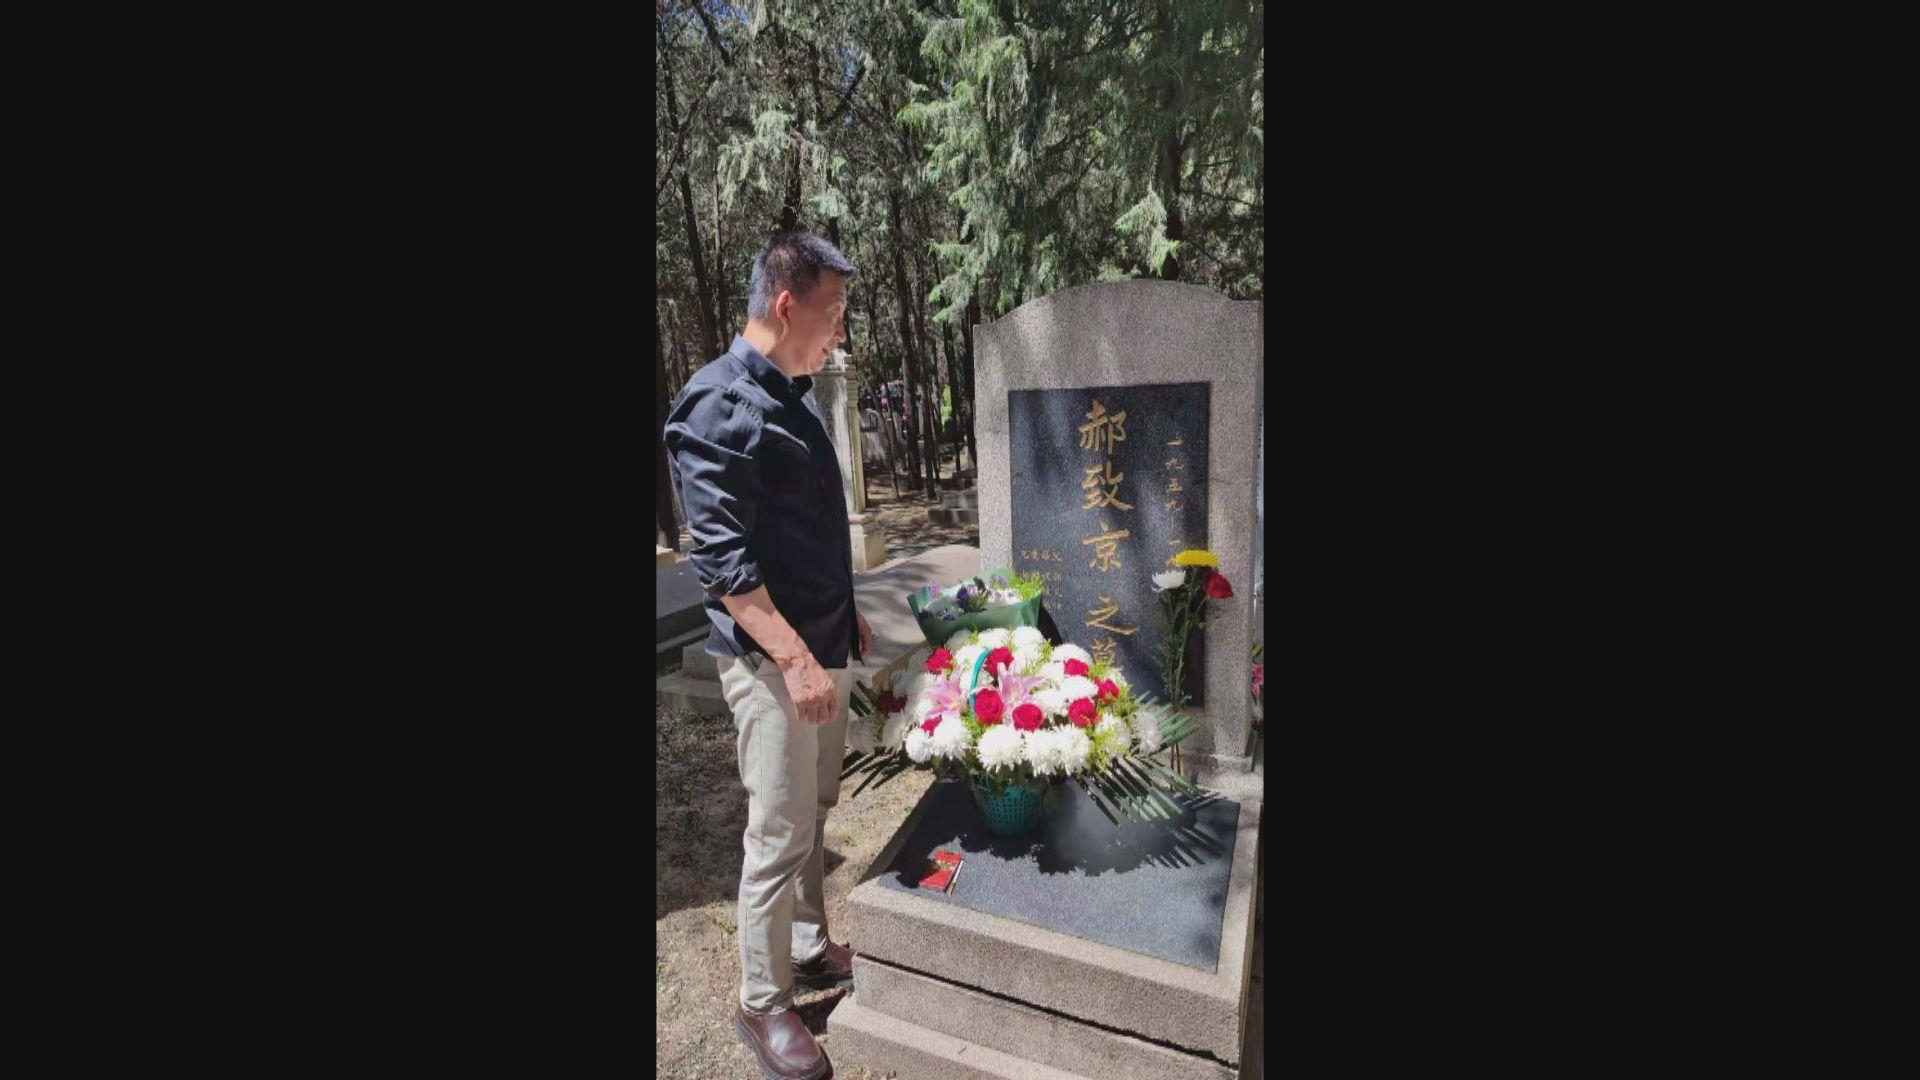 天安門母親成員到公墓拜祭 指悲痛未減要討還公道